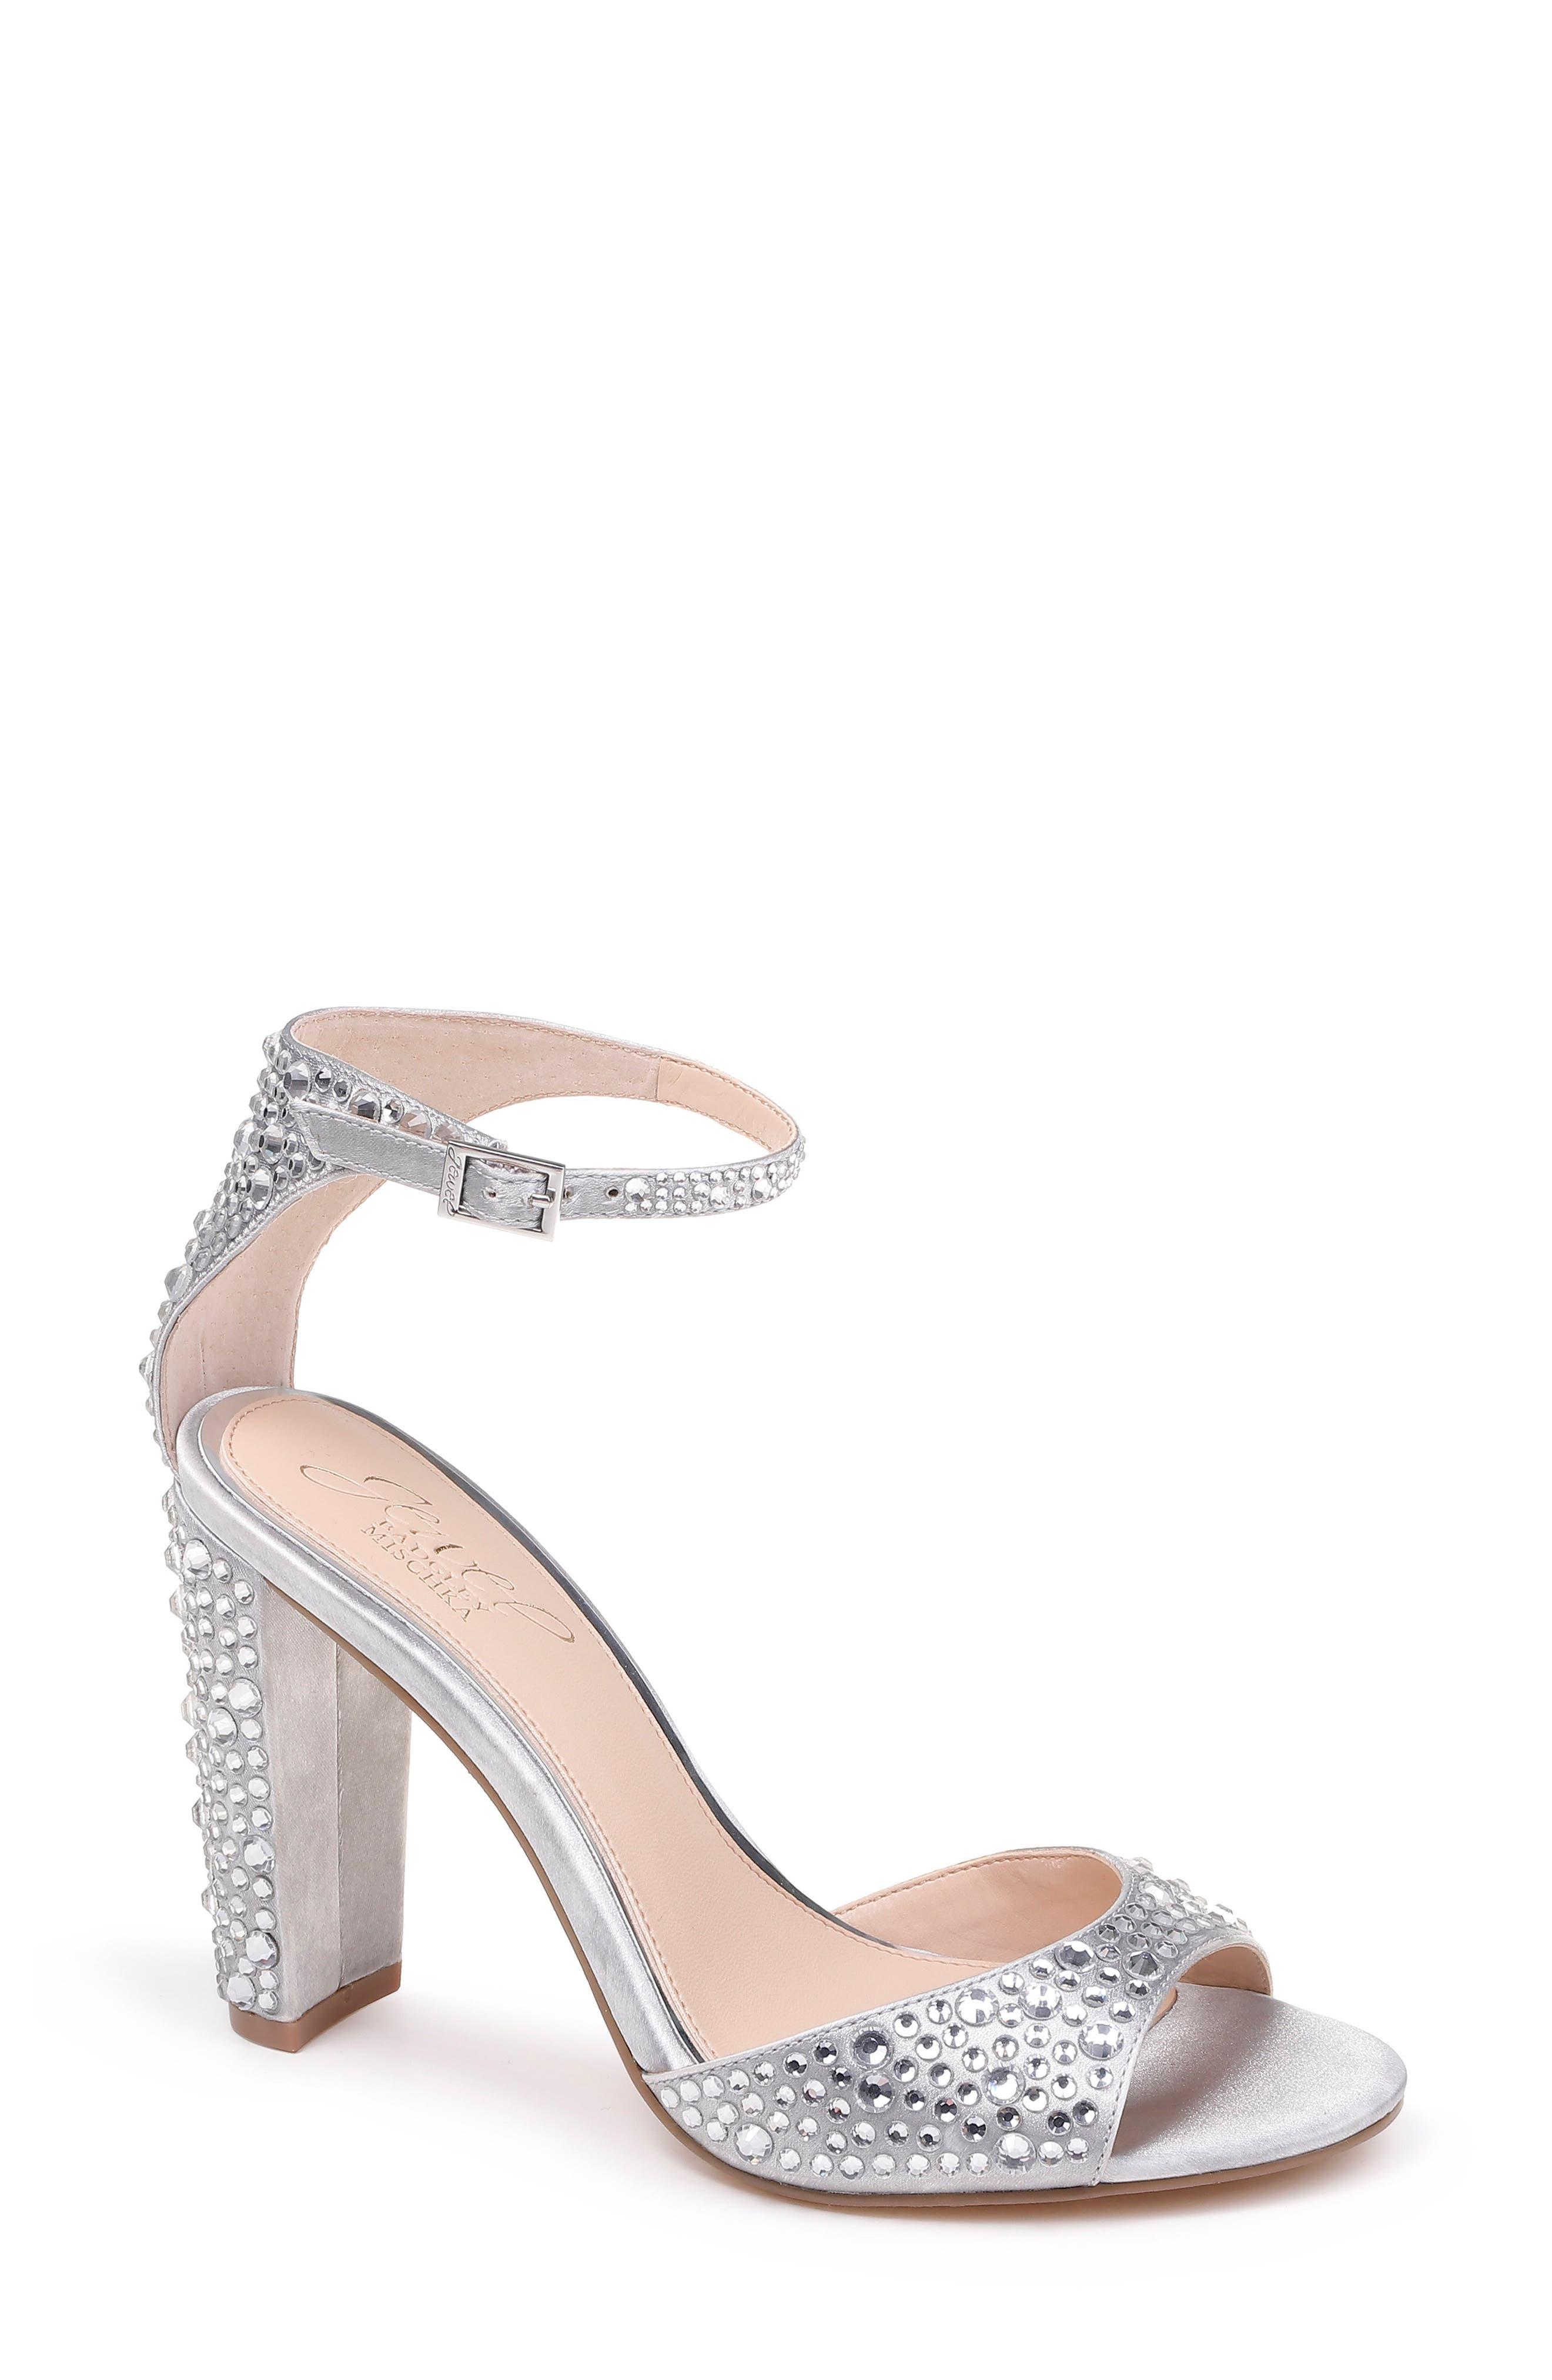 Jewel Badgley Mischka Jillian Crystal Sandal, Metallic